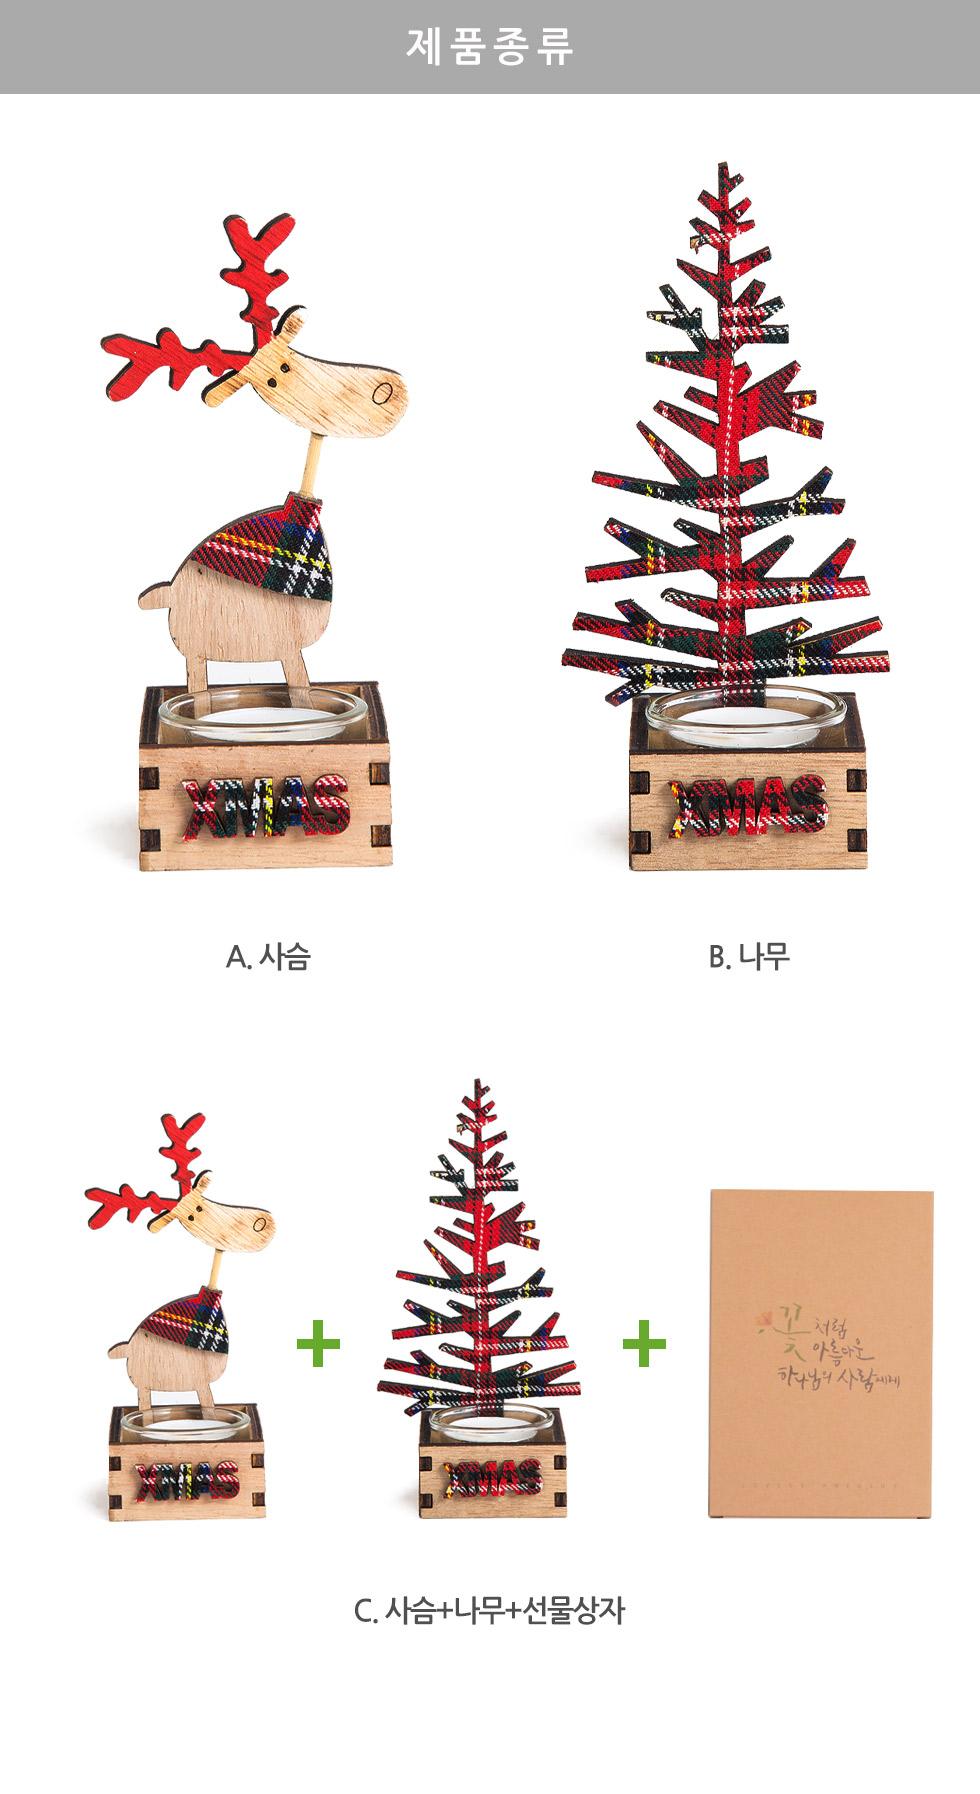 메리크리스마스 우드 캔들홀더 - 종류 A.사슴 B.나무 C.2개세트+선물상자